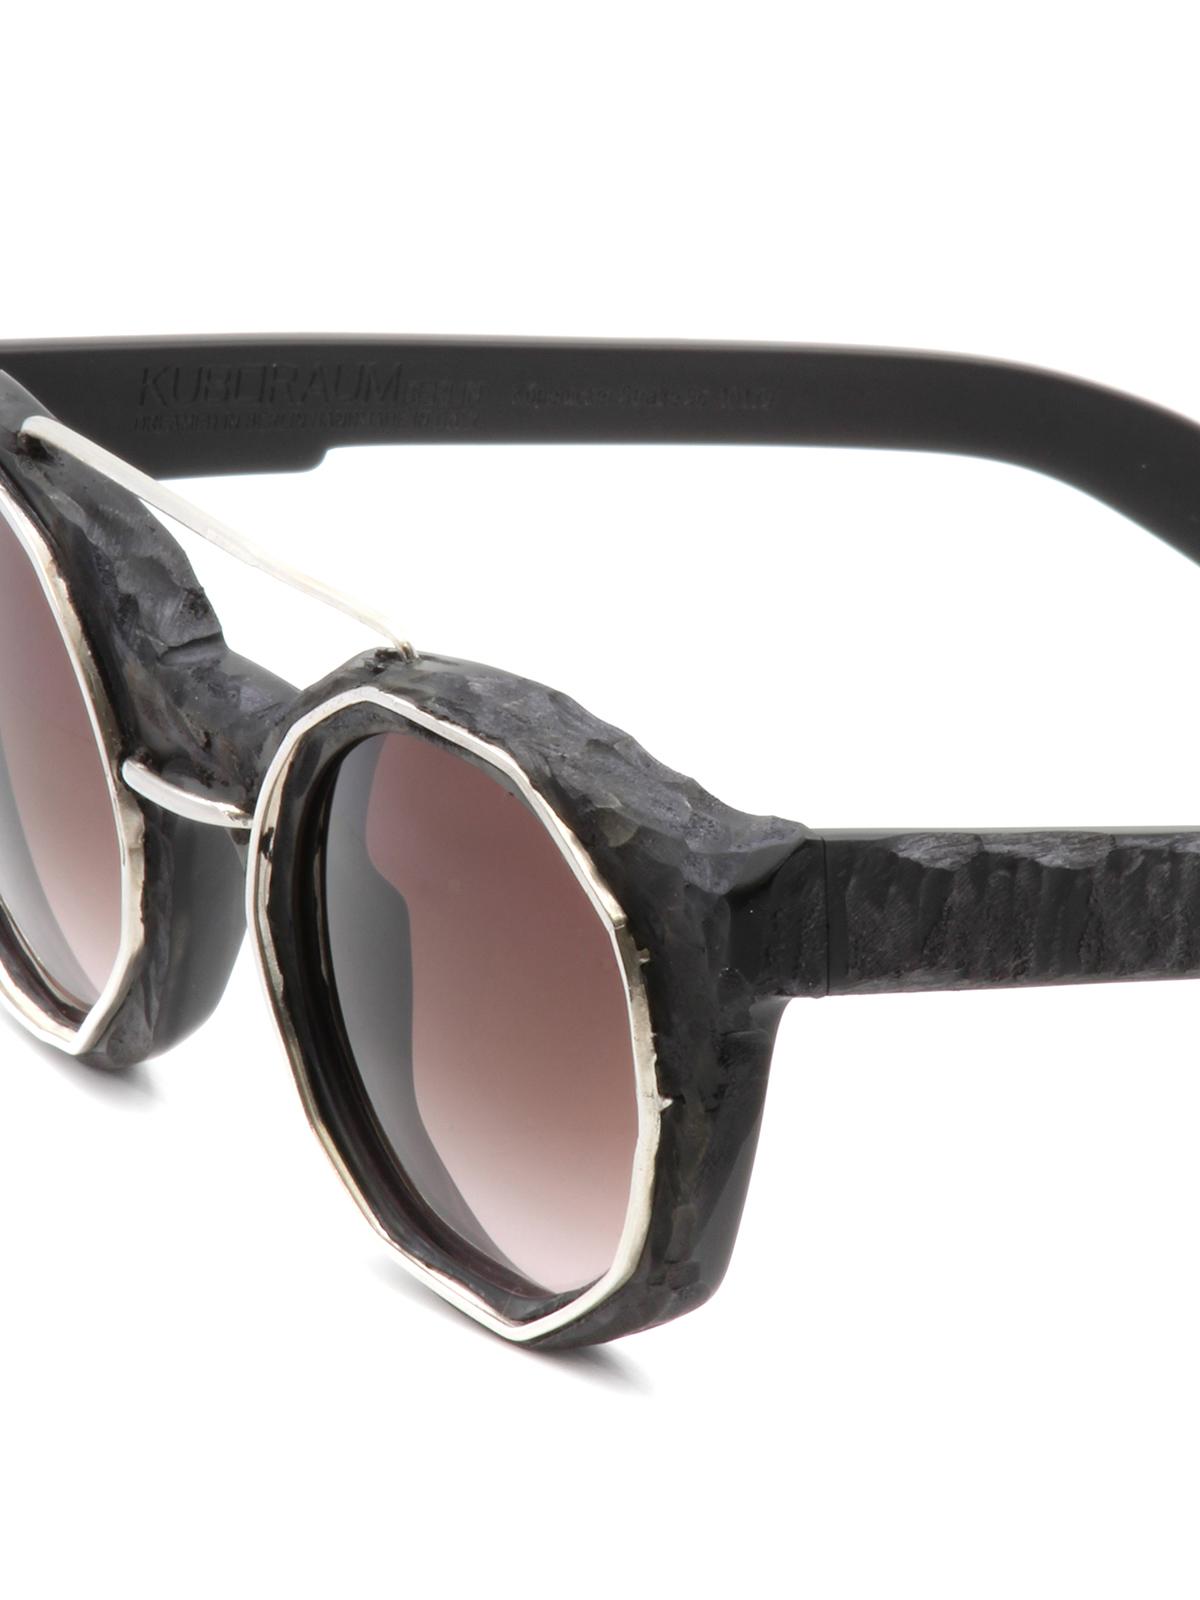 aec0ef642da Kuboraum - Mask U6 matte acetate sunglasses - sunglasses - U6BMLU